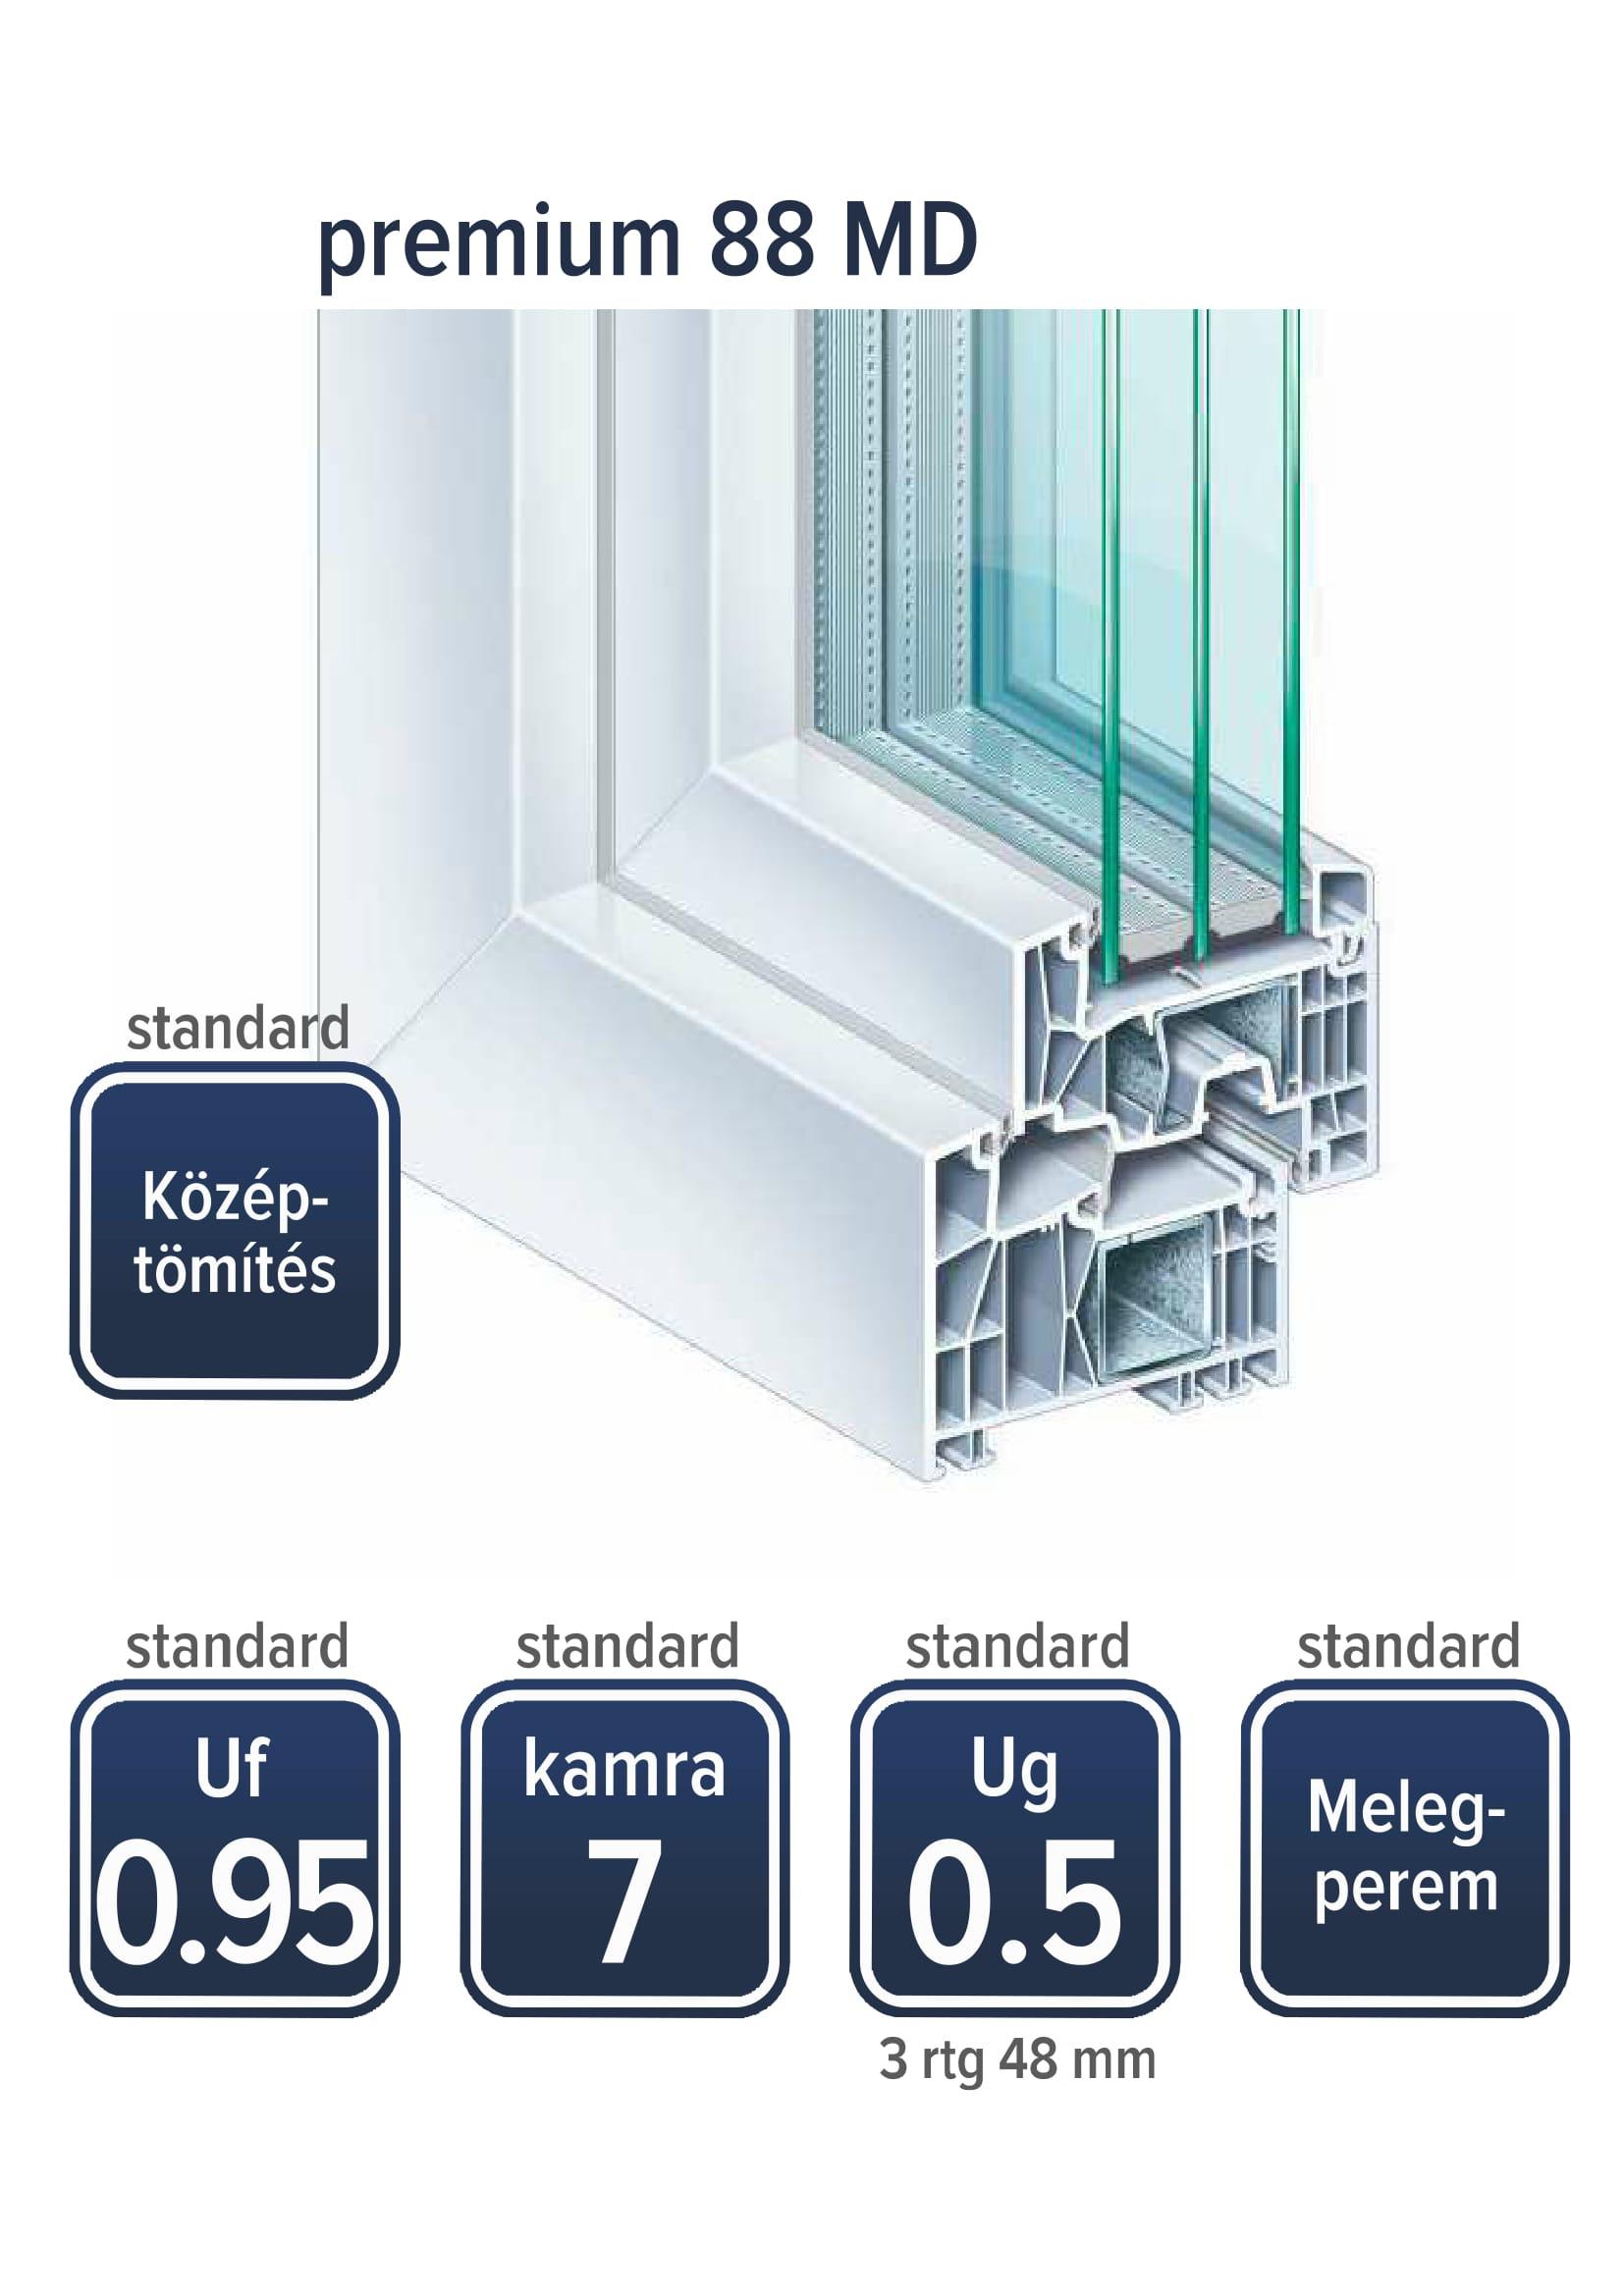 Kömmerling premium 88 MD műnyag ablak